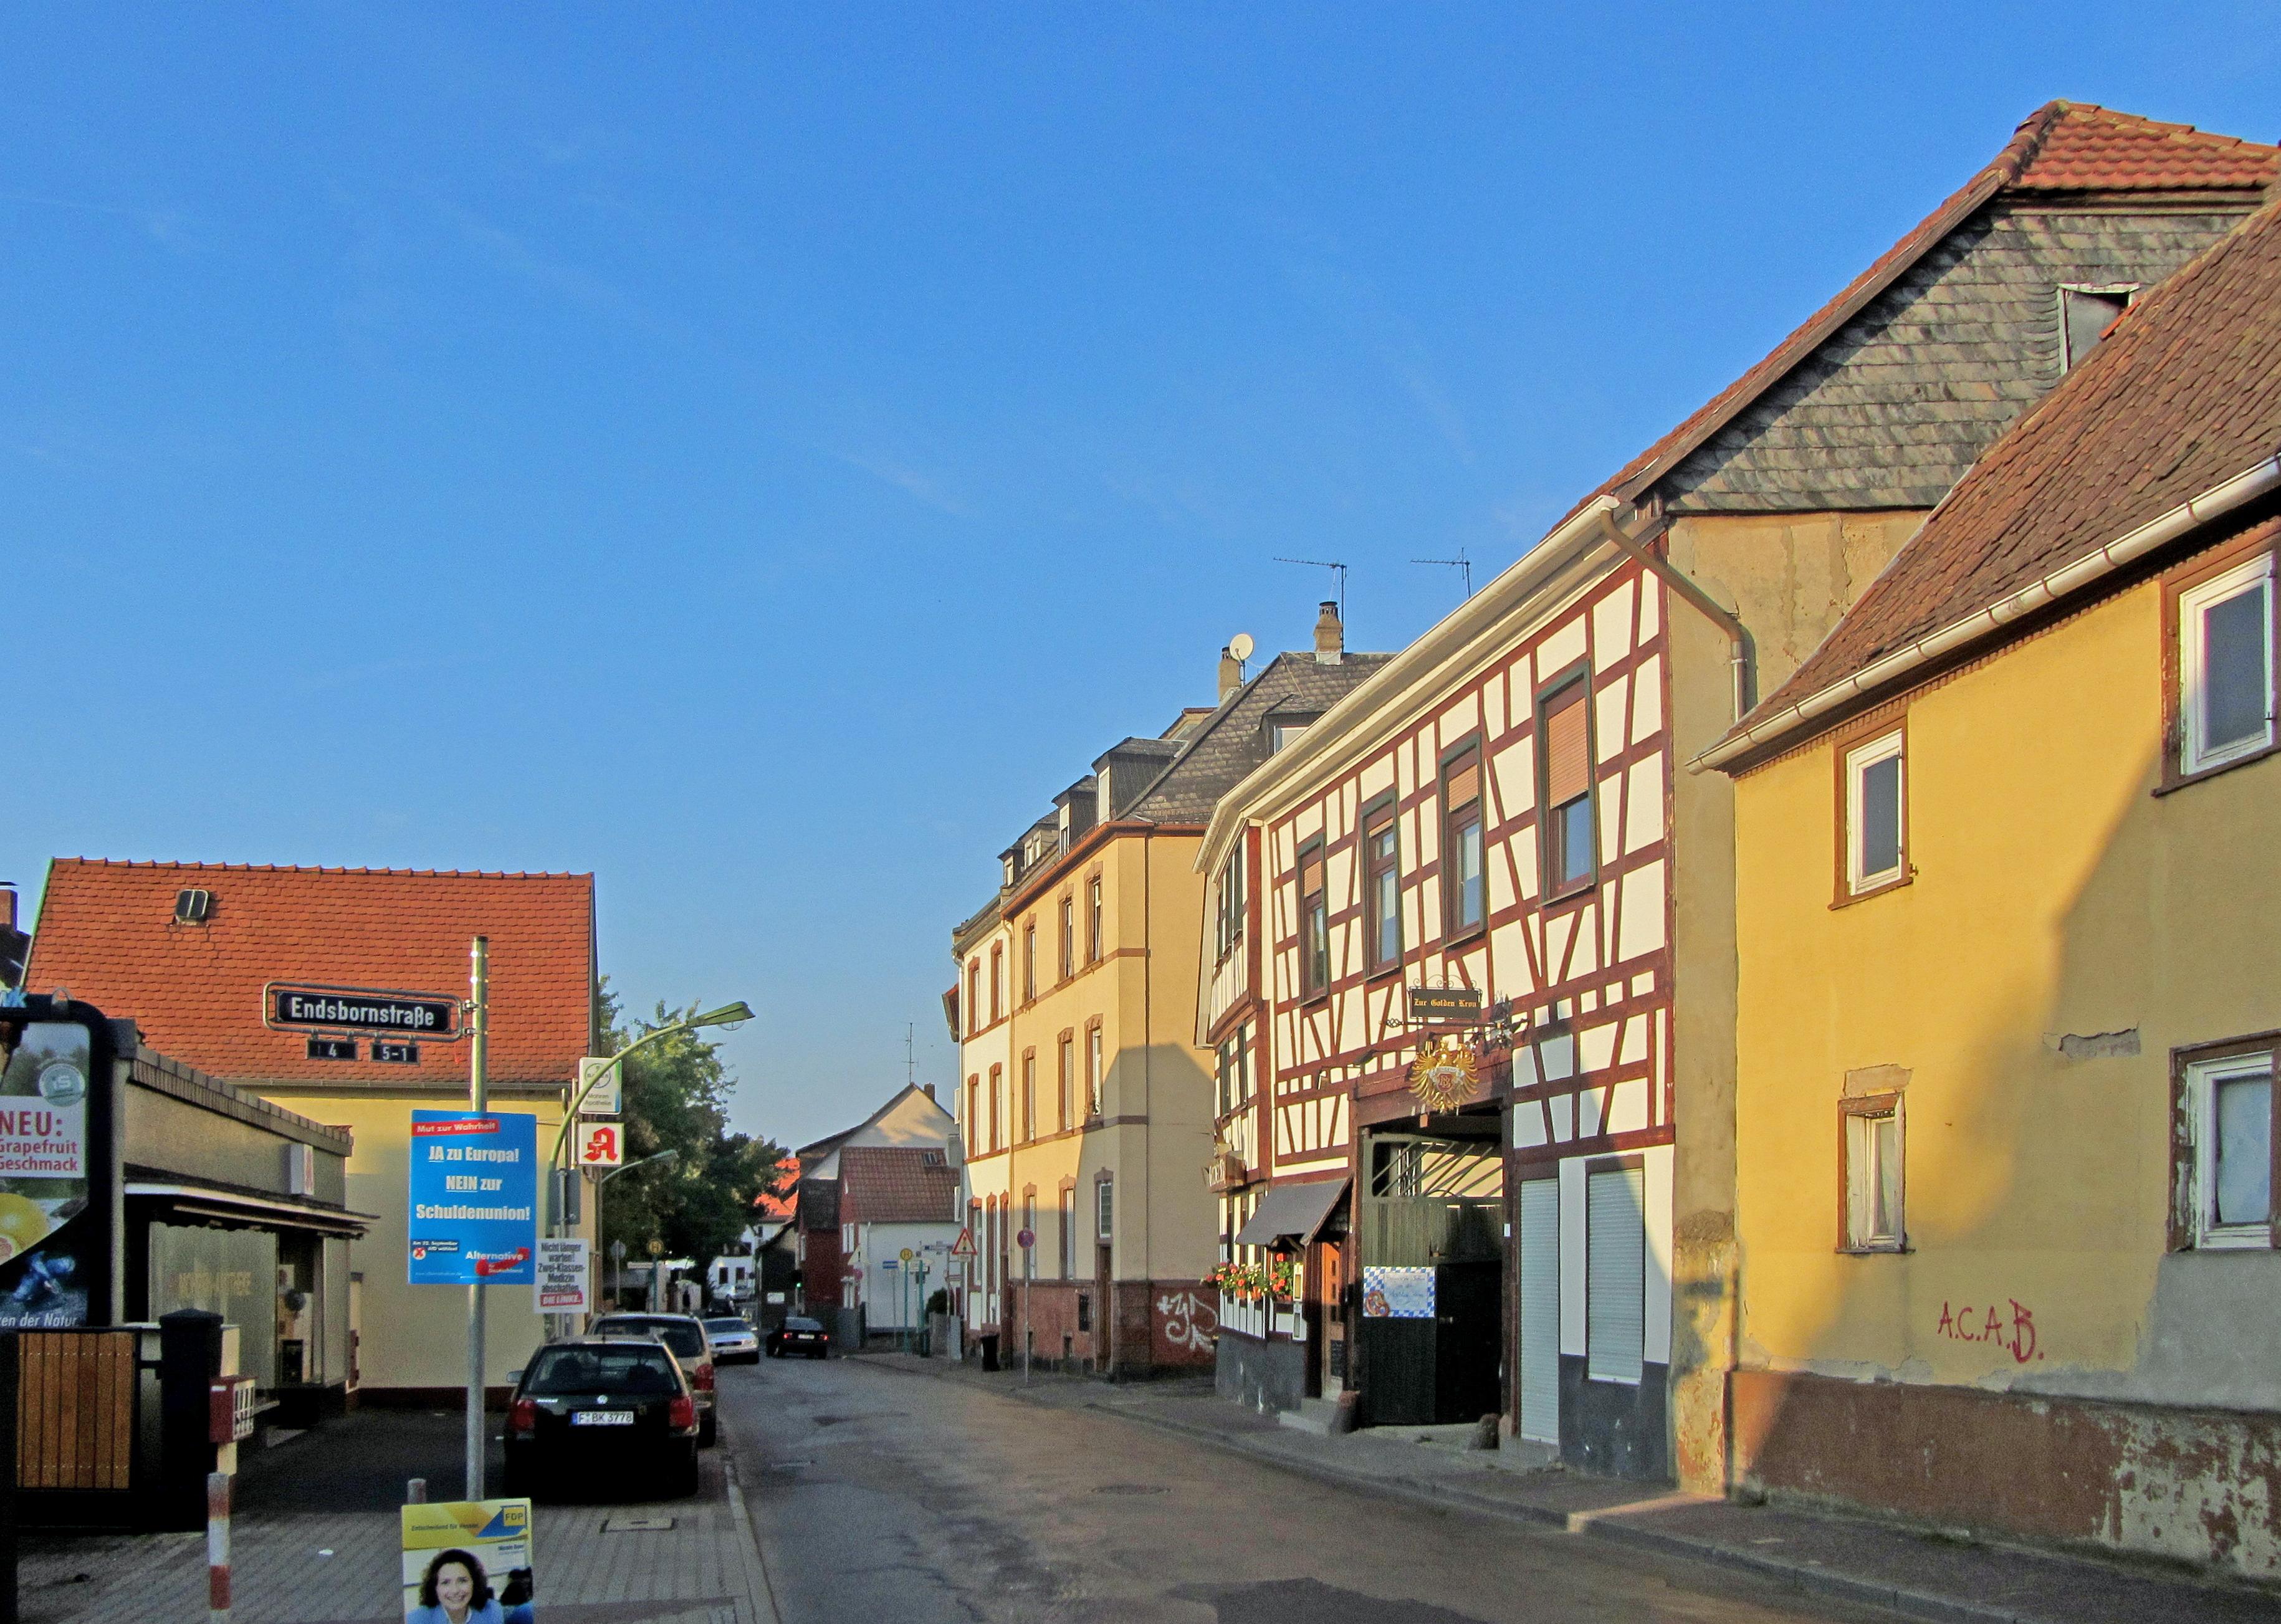 Eschersheim Frankfurt